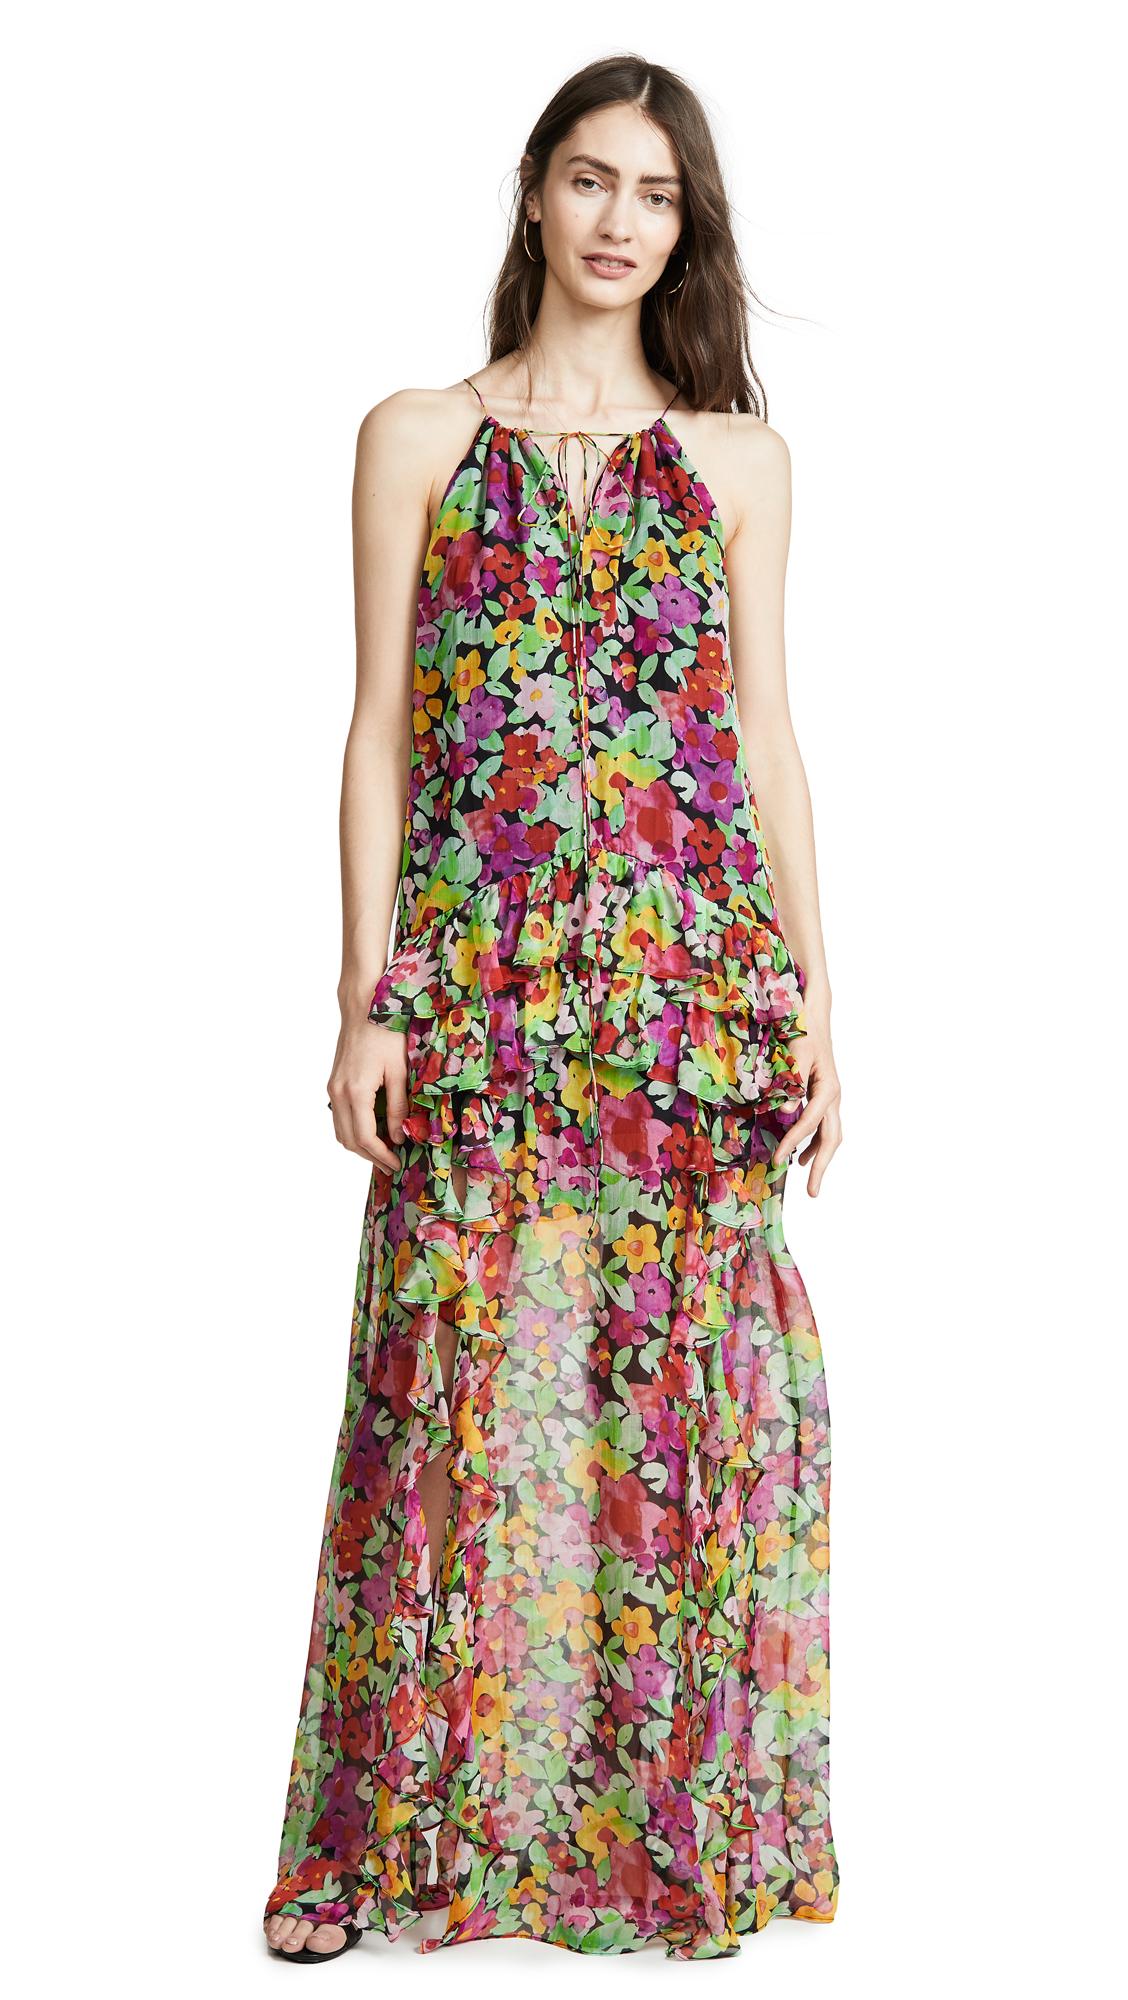 Caroline Constas Isla Maxi Dress - Black Multi